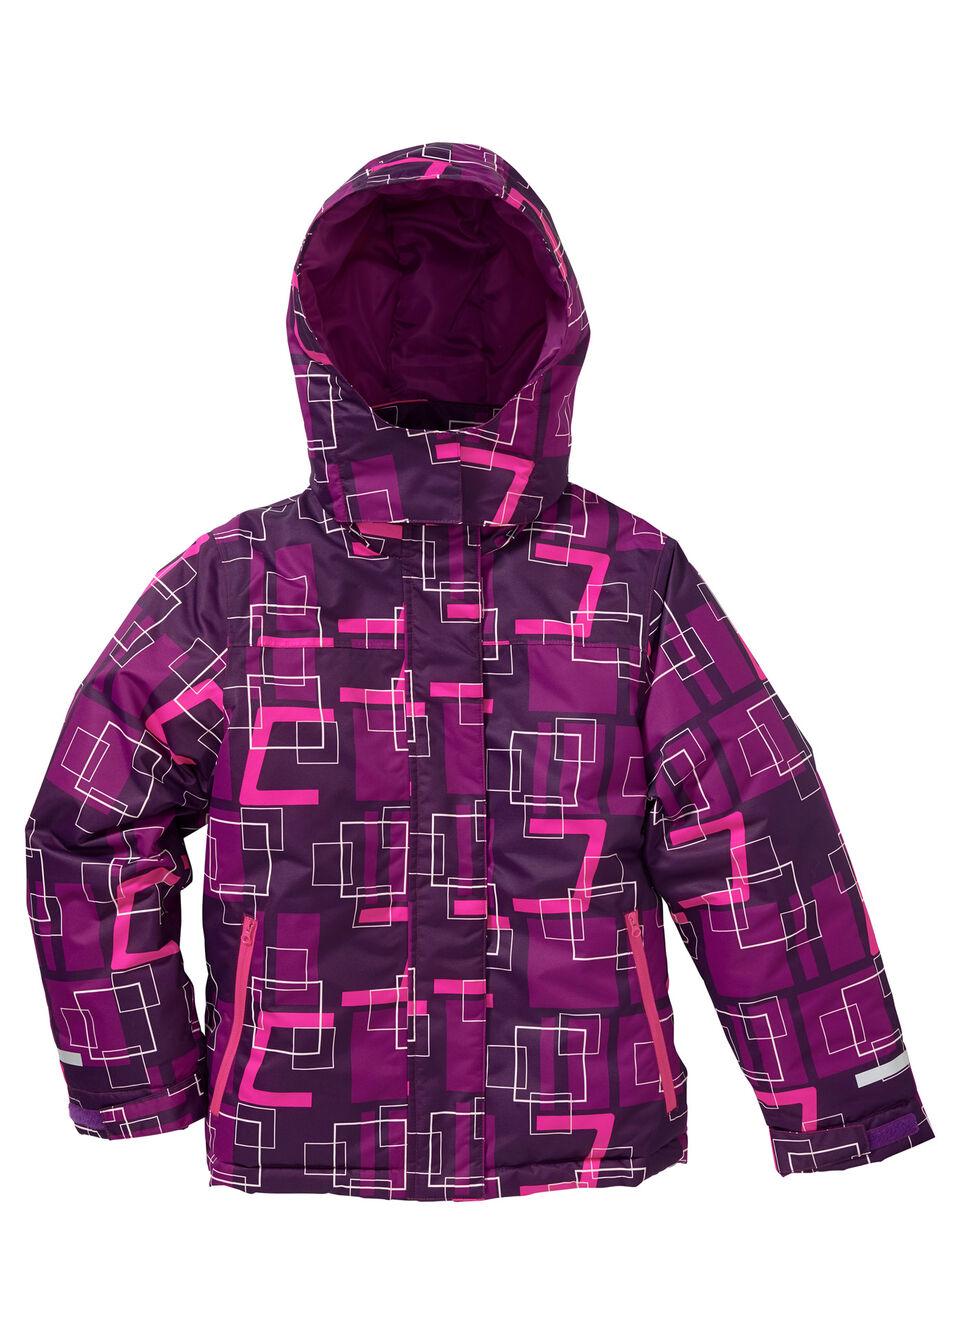 Лыжная куртка из непромокаемого материала с воздухопроницаемым эффектом